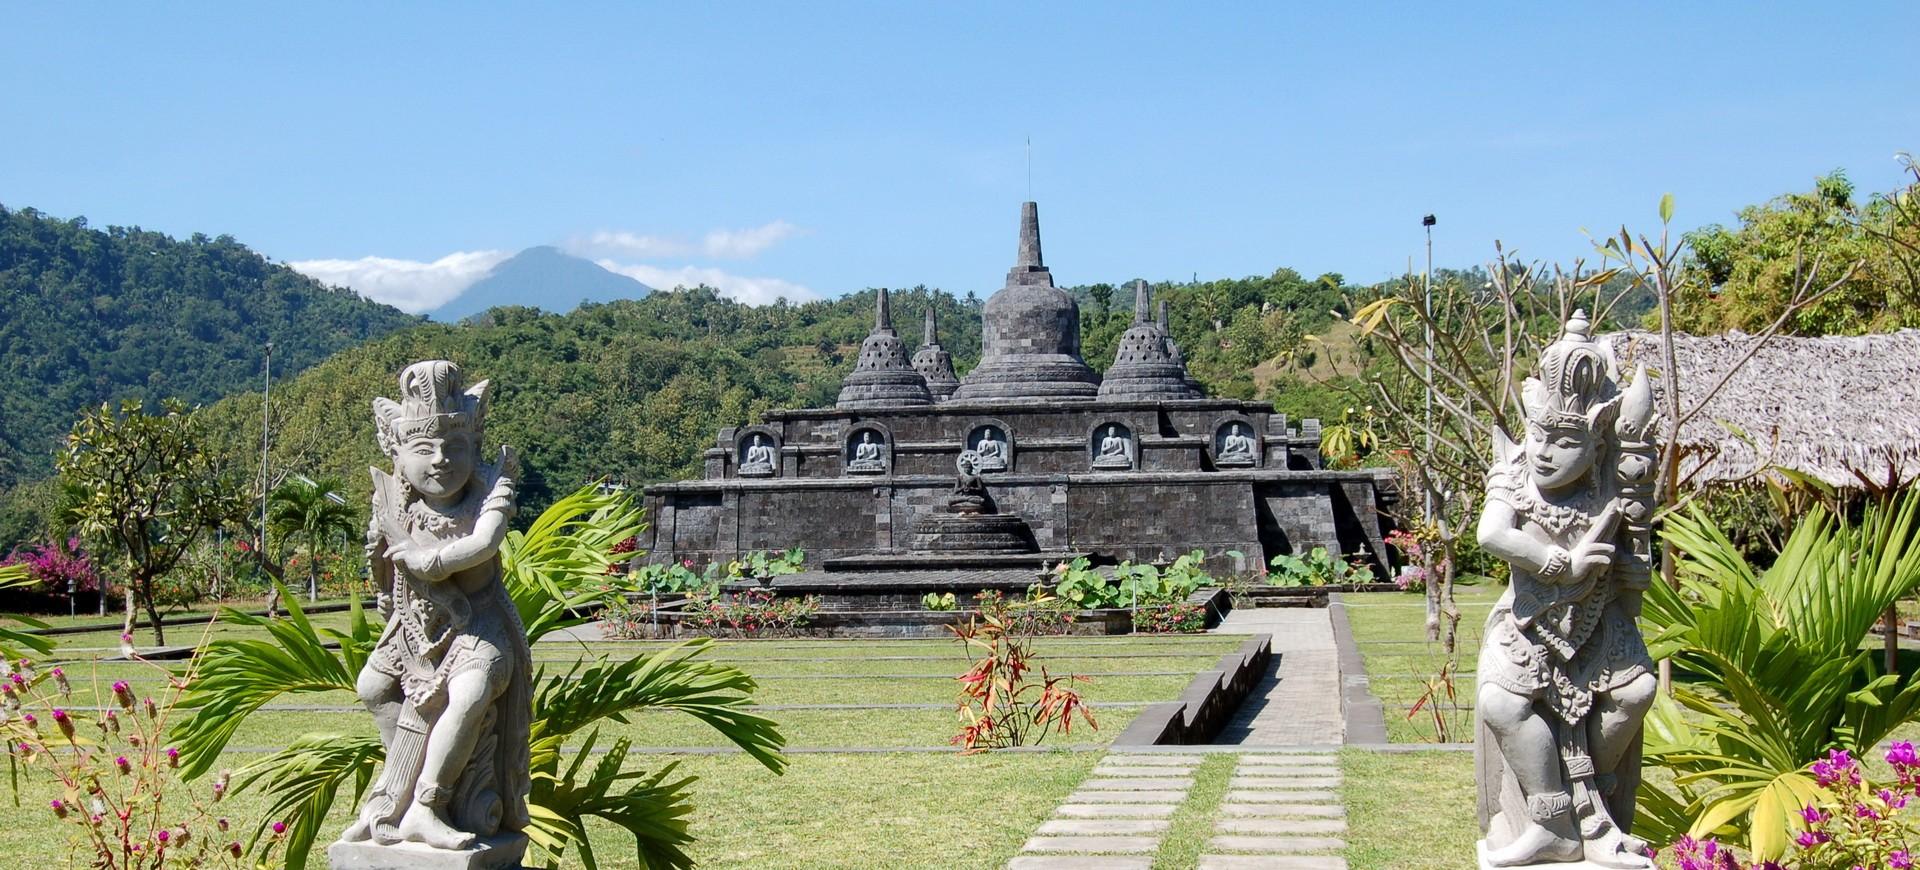 Banjar à Bali en Indonésie